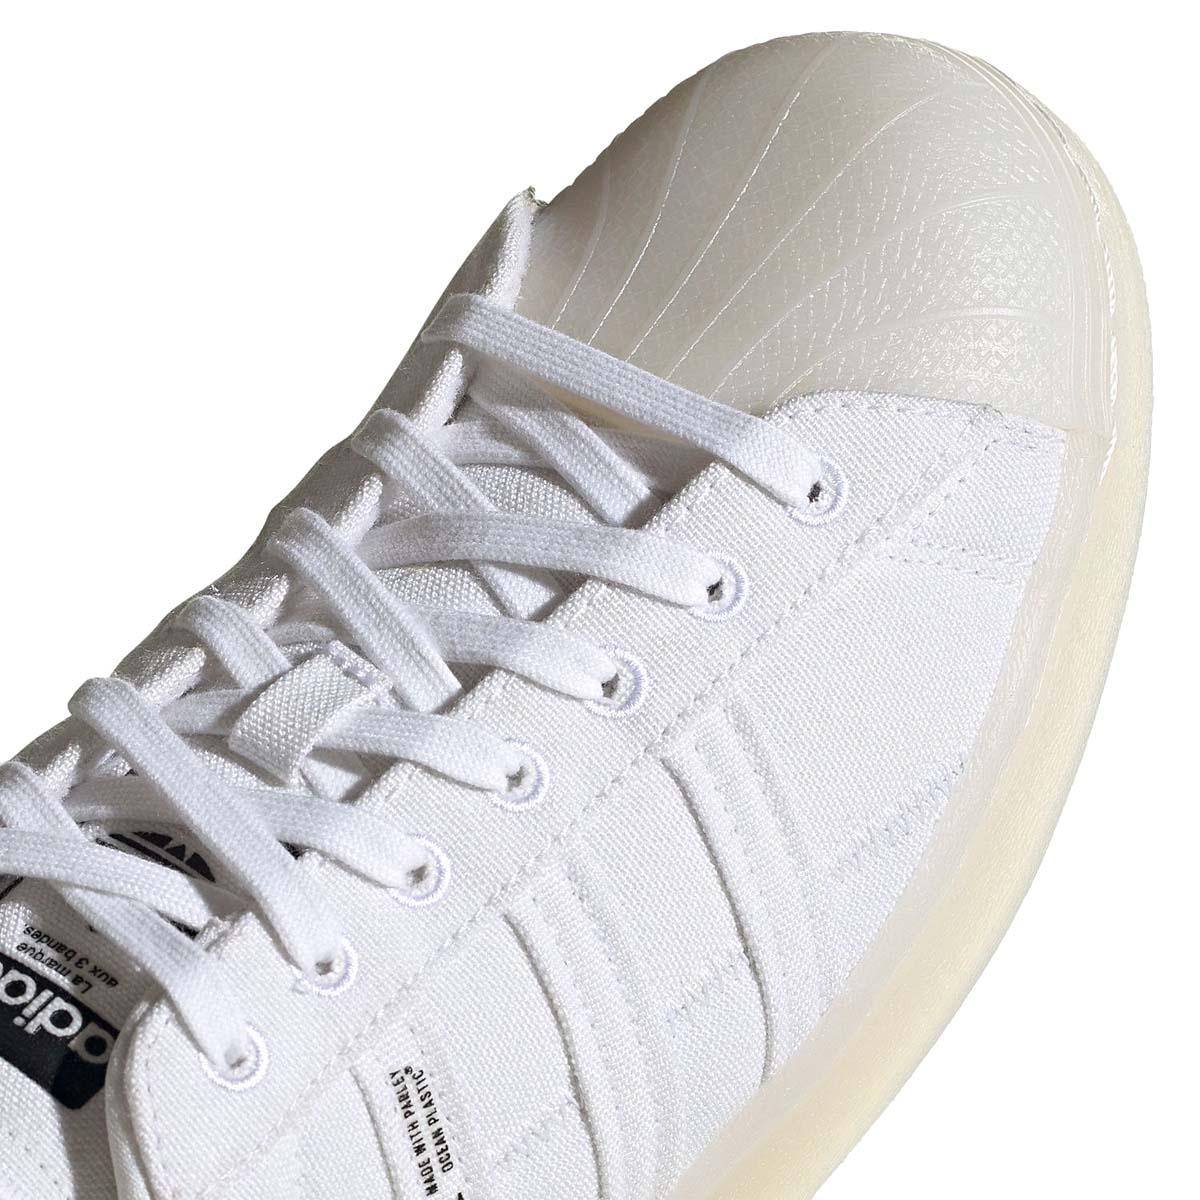 adidas SUPERSTAR PRIMEBLUE CHALK WHITE / FTWR WHITE / CORE BLACK G58198 アディダス スーパースター プライムブルー ホワイト/ブラック